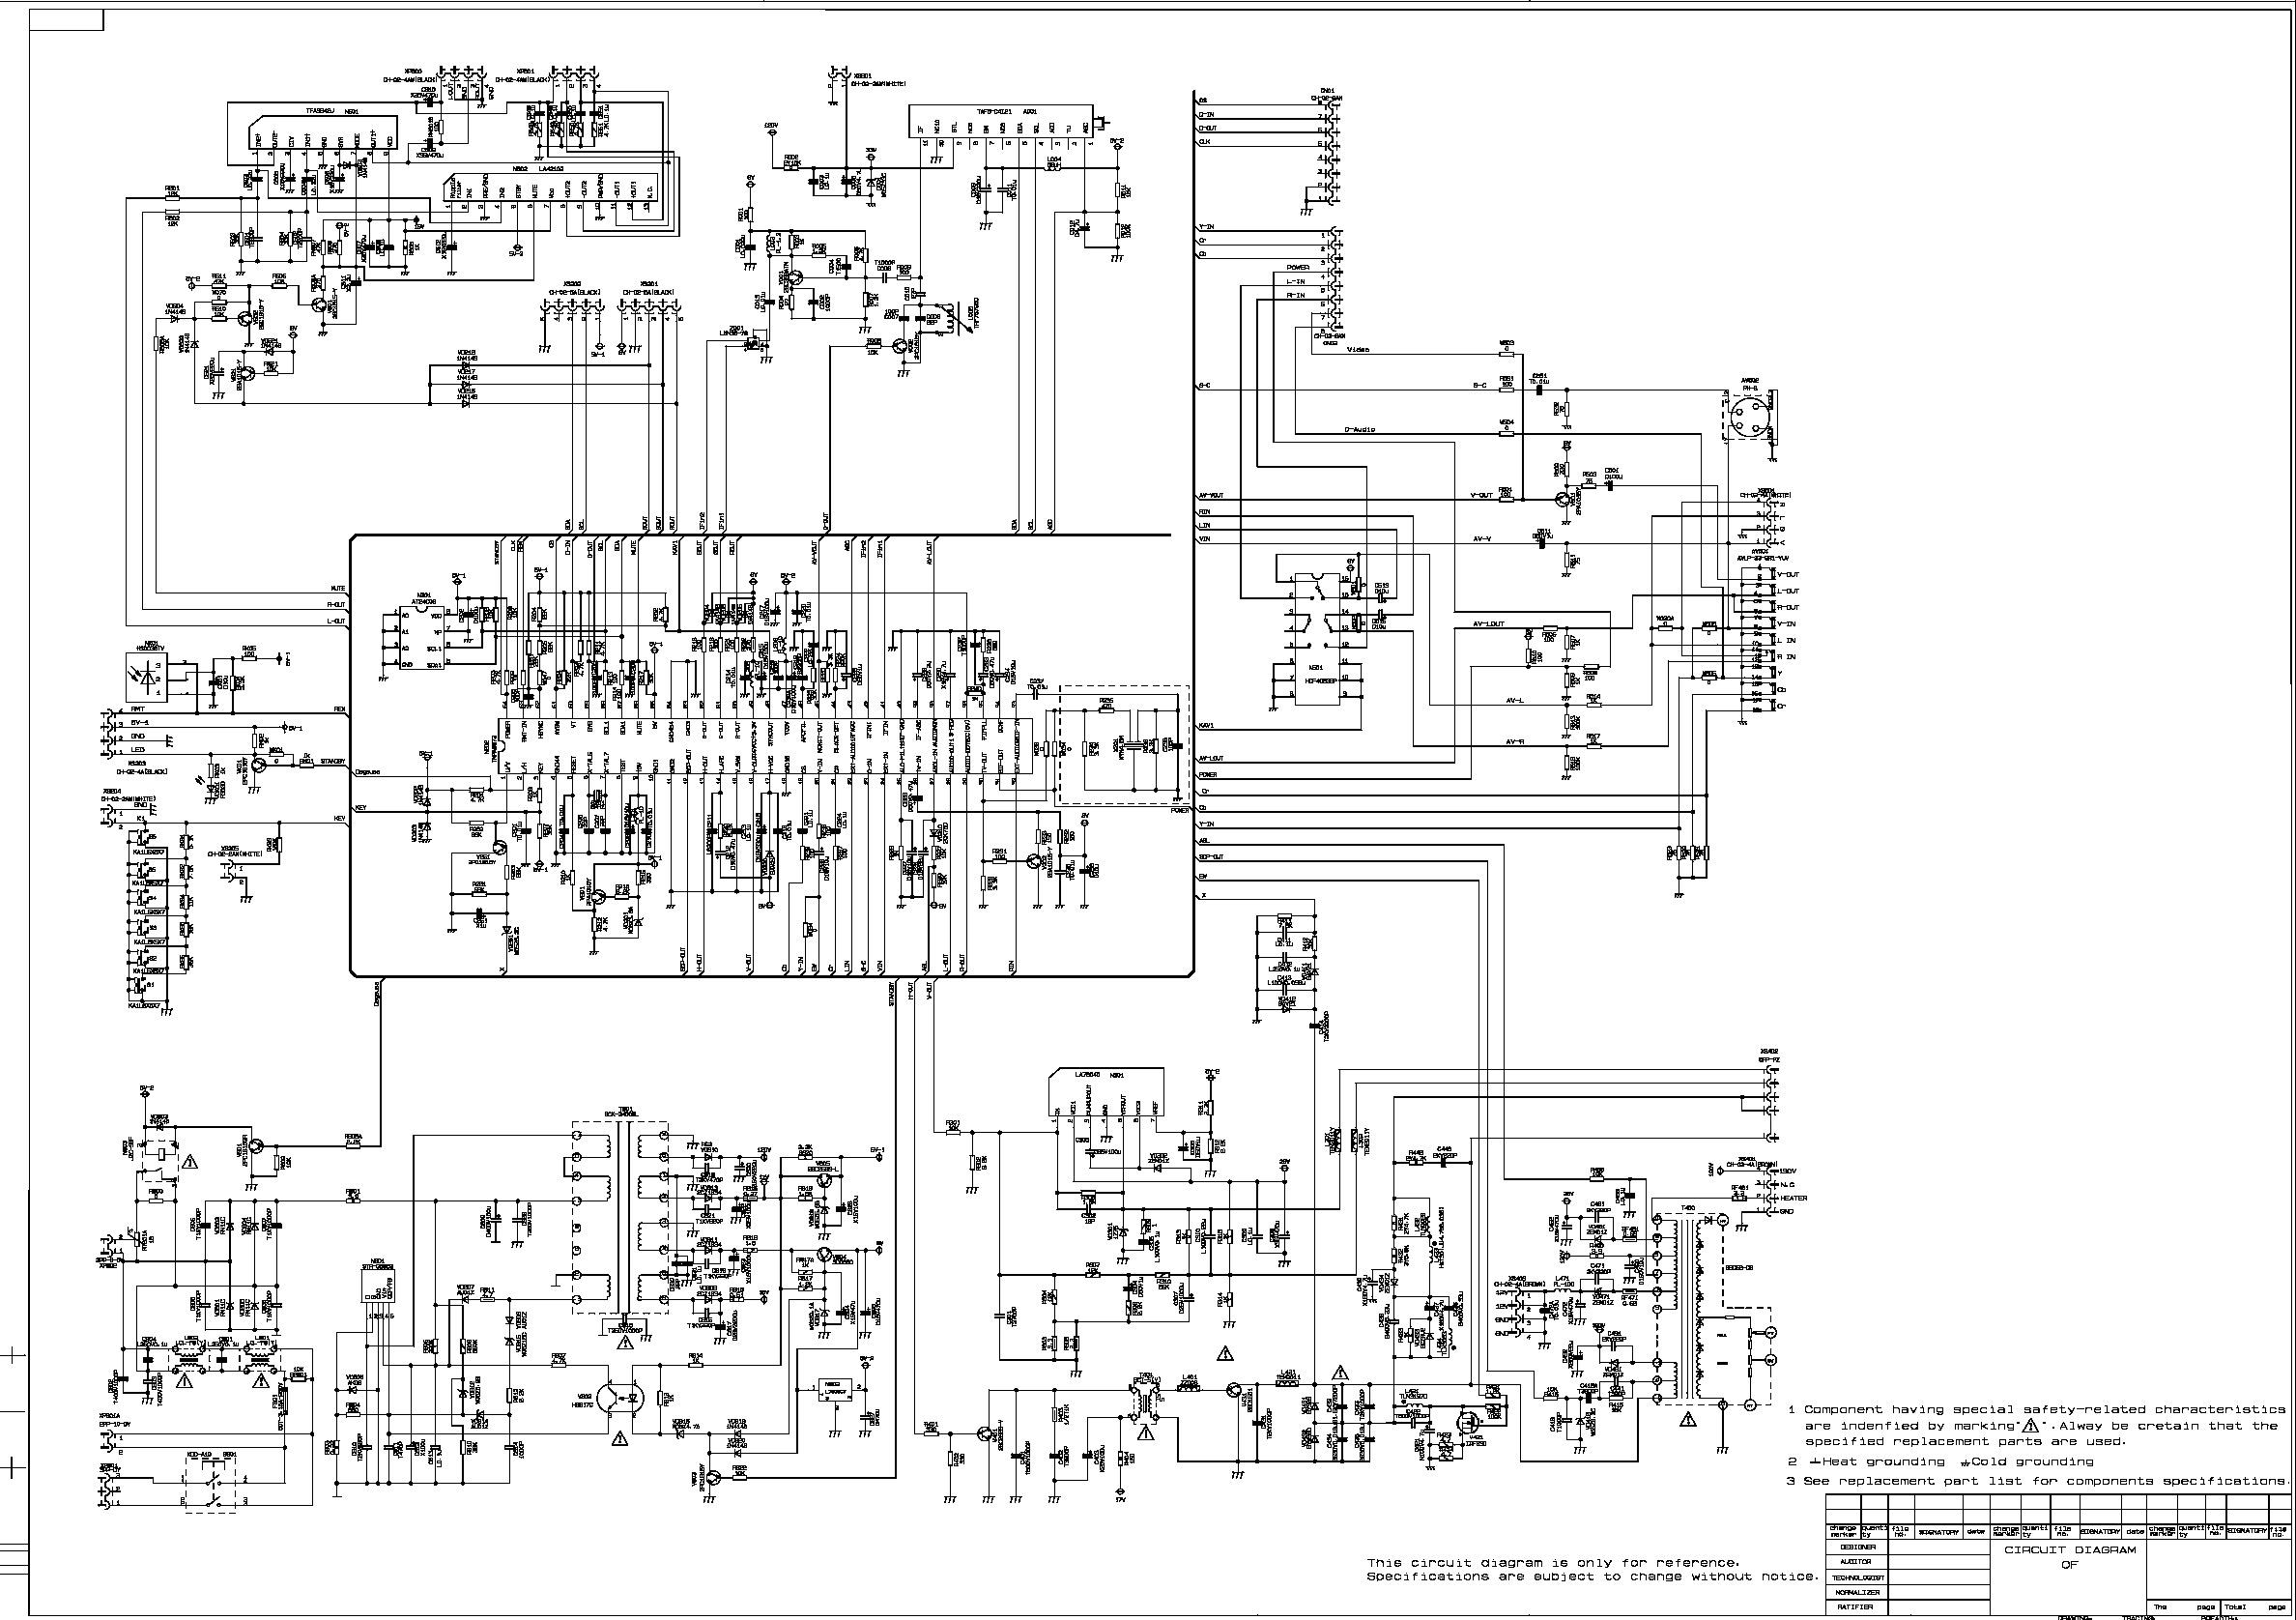 jug7-820-036 TMPA8873 LLA42101 LA78040 STR-G5653 fcrt21stc firtline.pdf